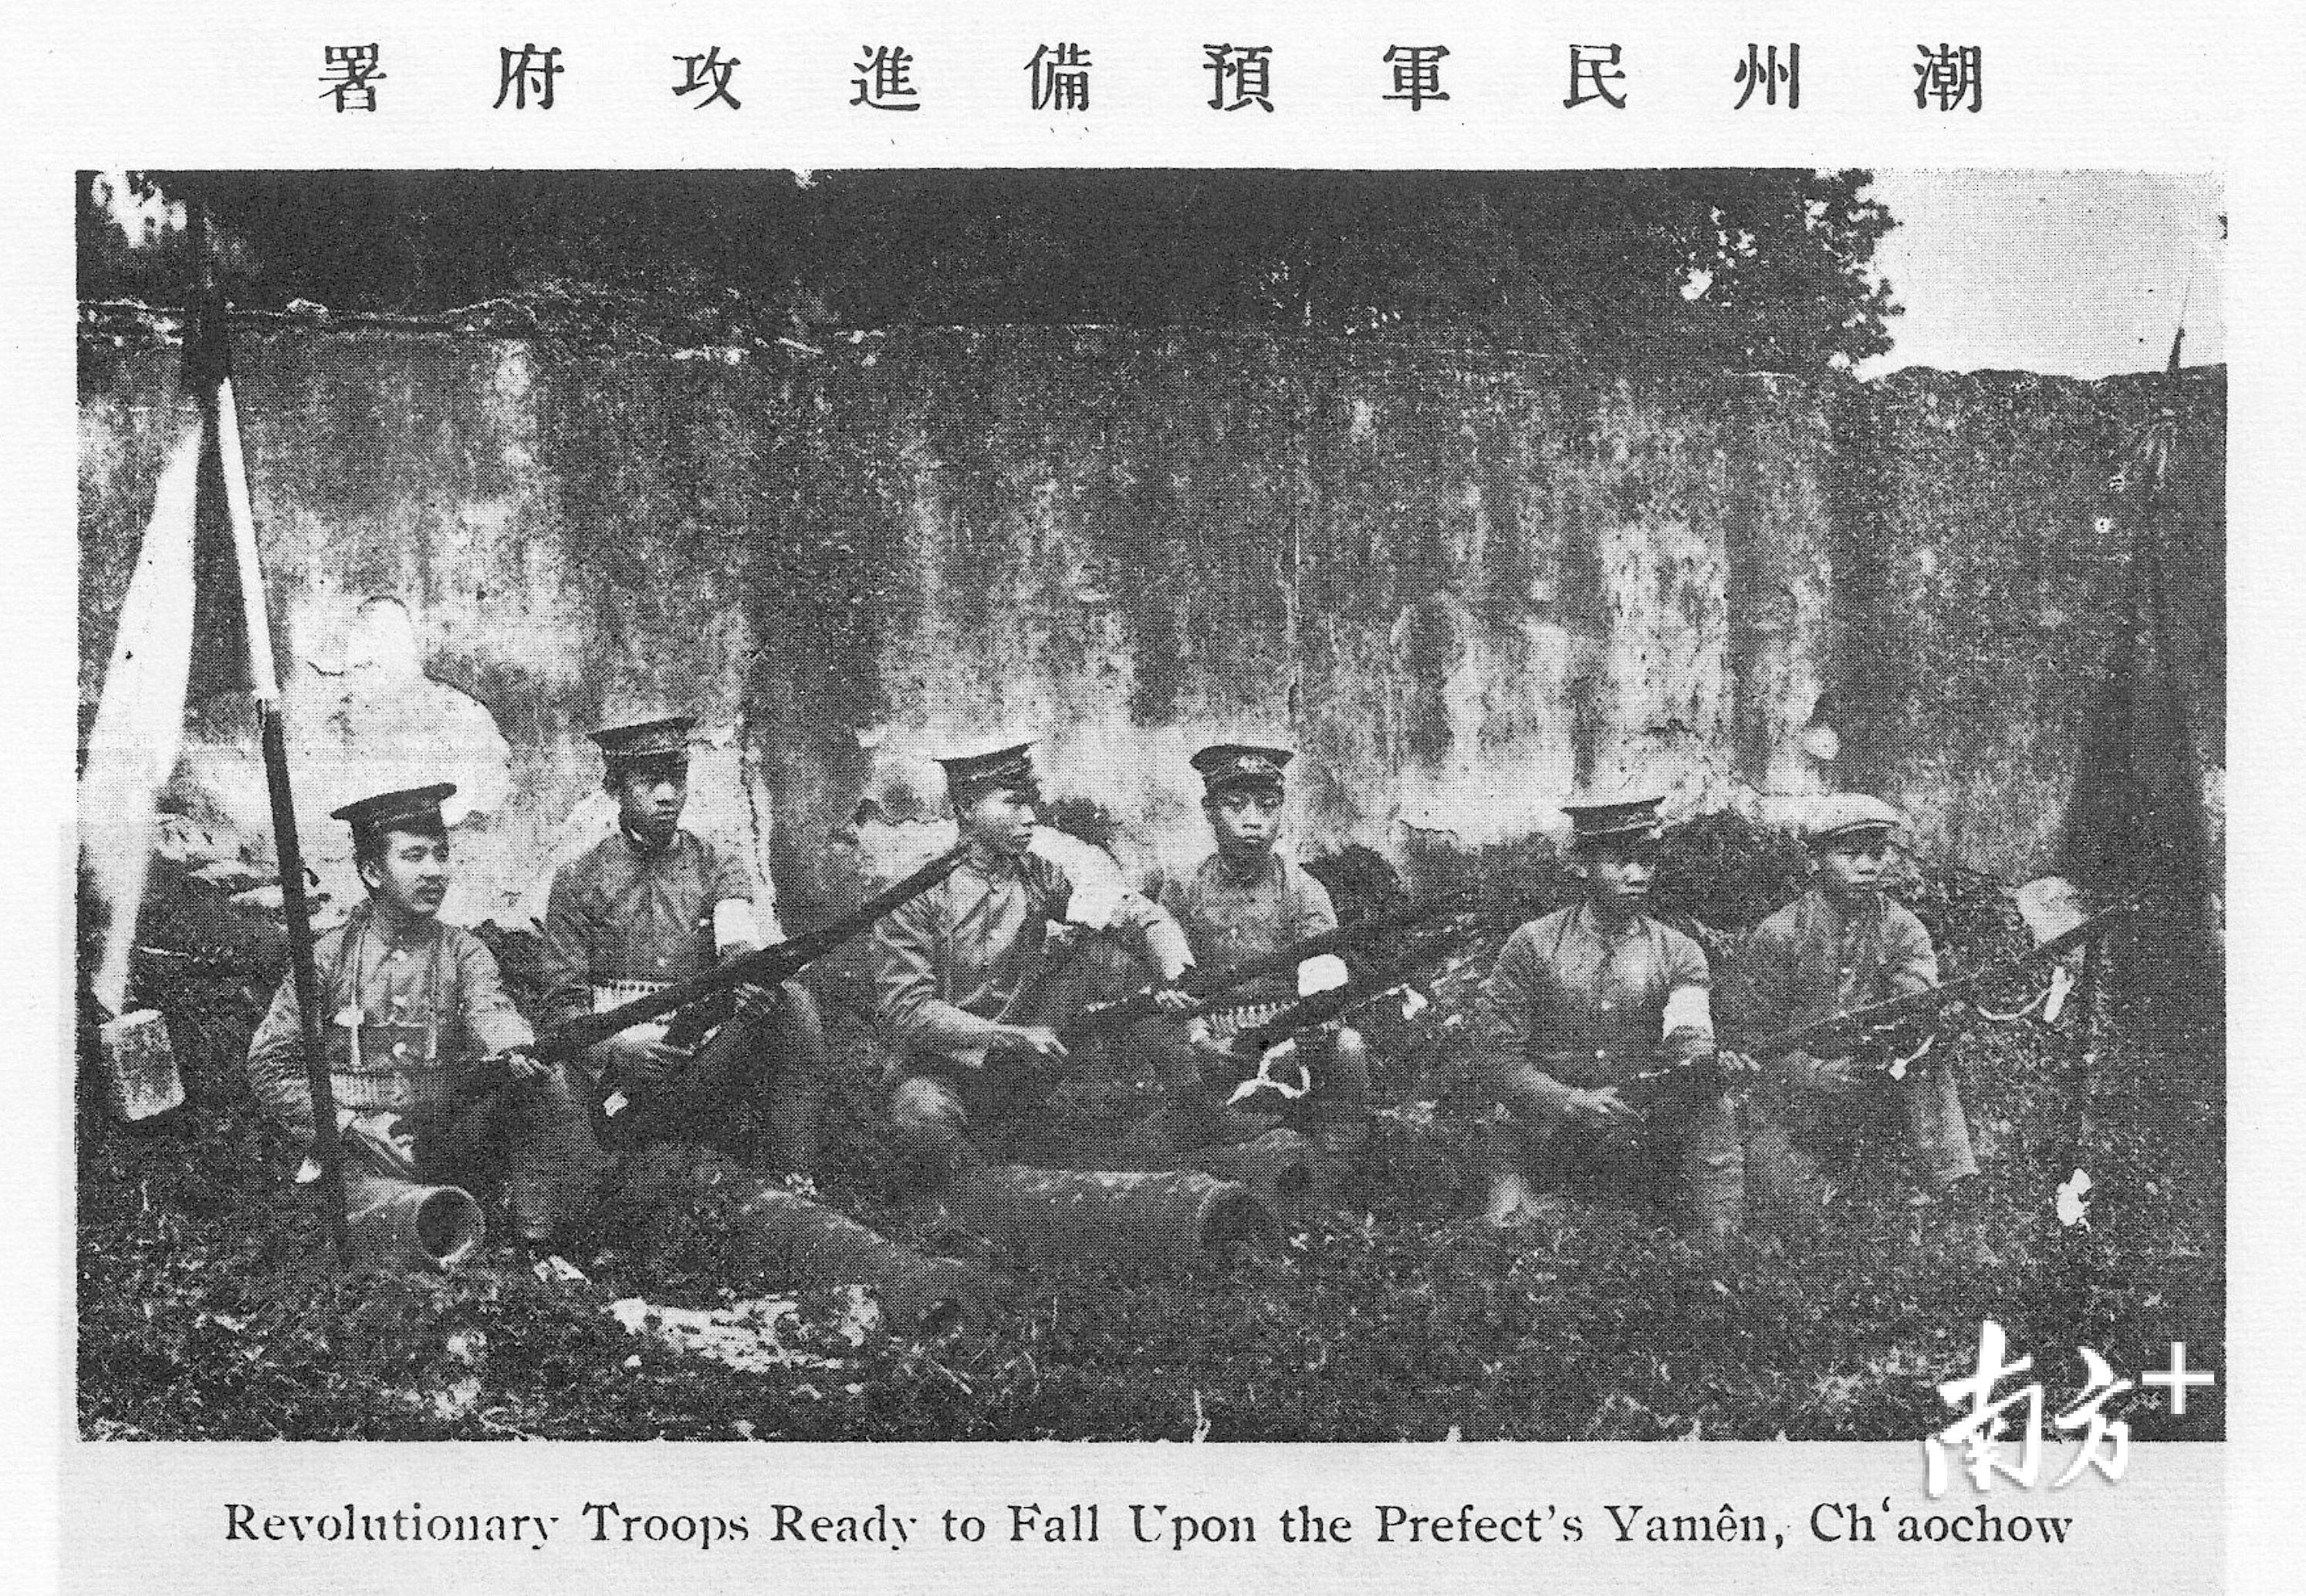 图为辛亥革命图集《大革命写真画》中的照片。